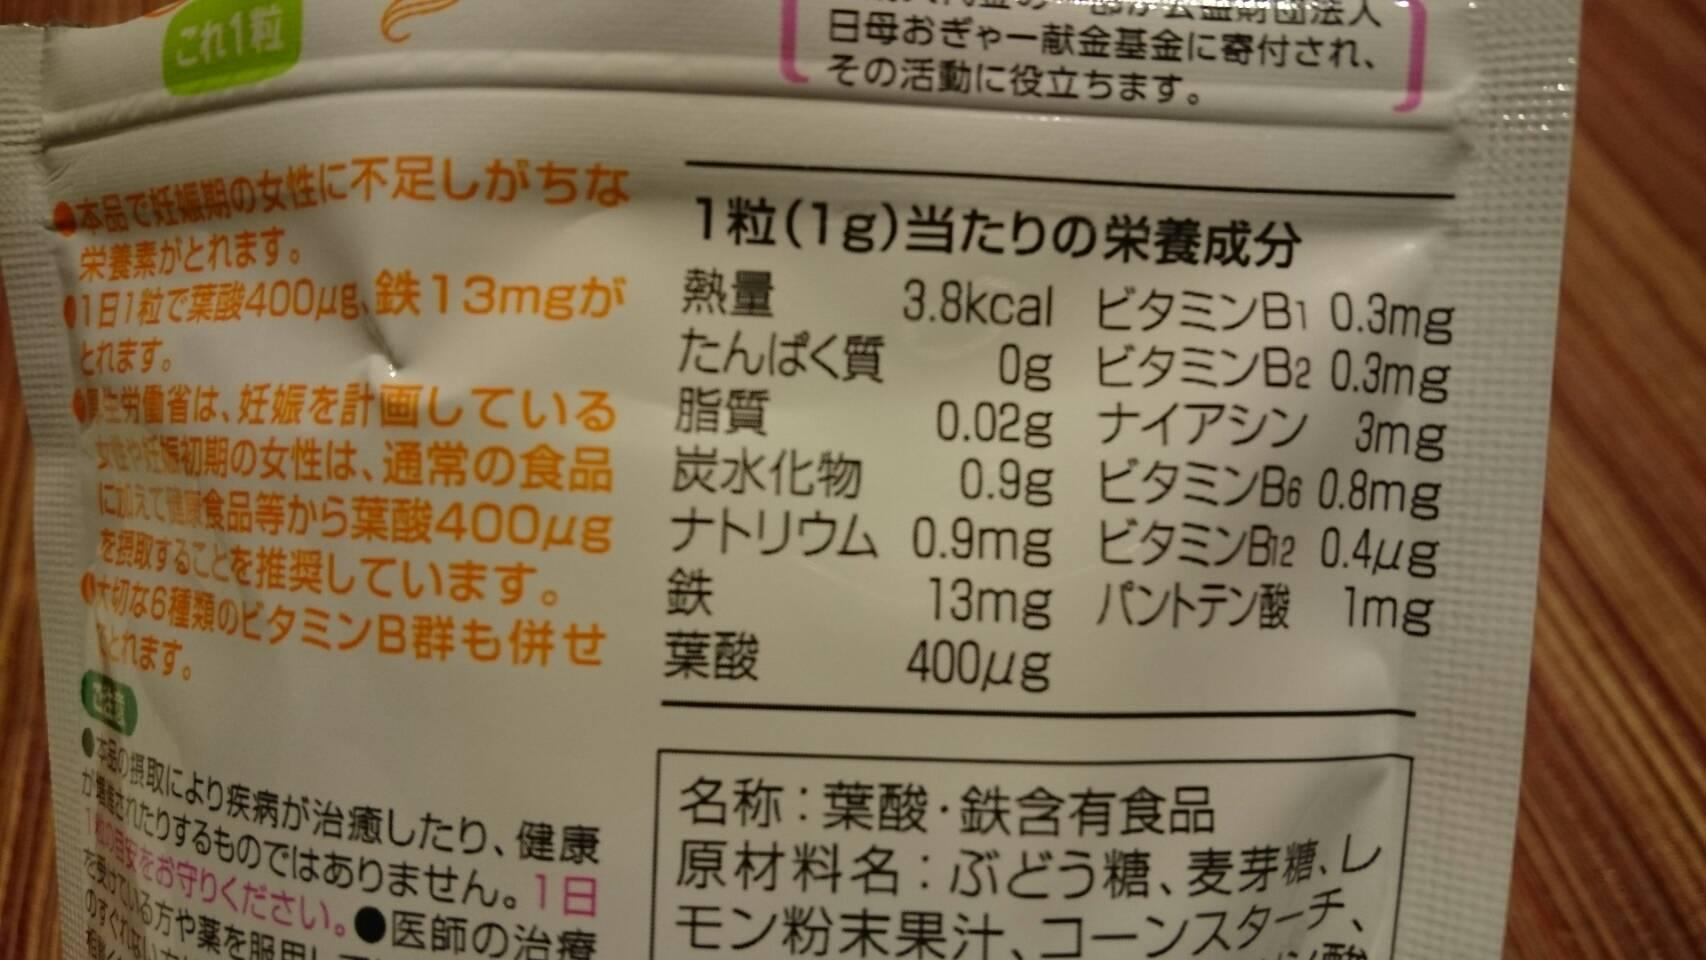 ビーンスタークマムの栄養成分表示